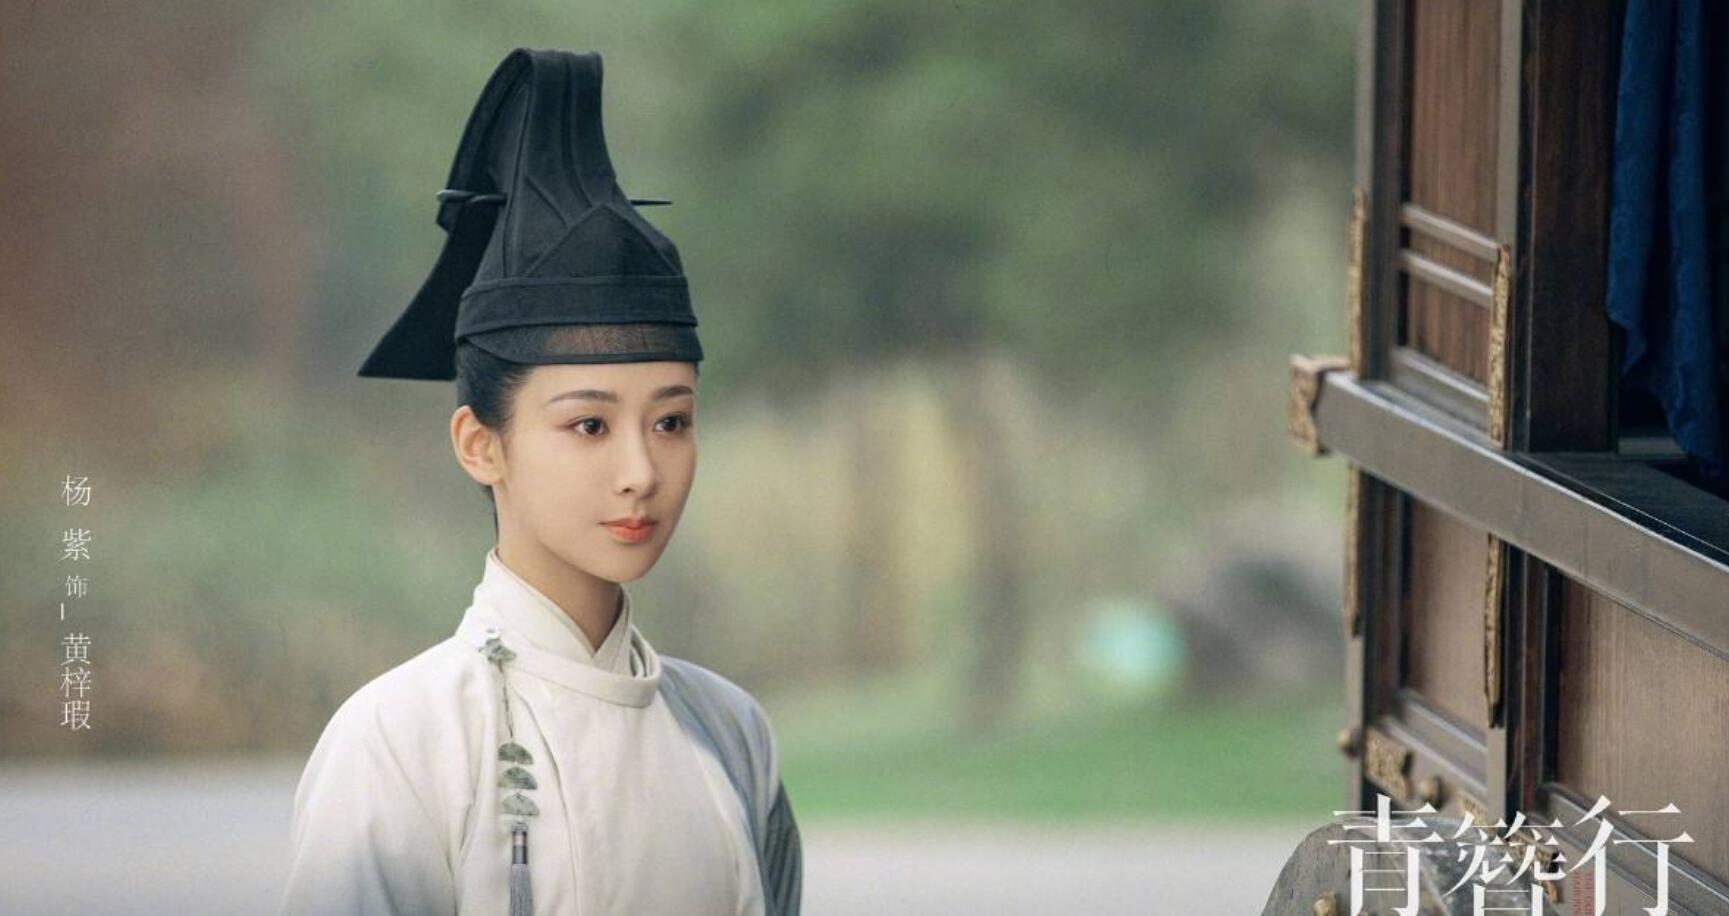 明朝平台:杨紫两部新剧未播先火,今又有新作品话题不断,得知编剧必追